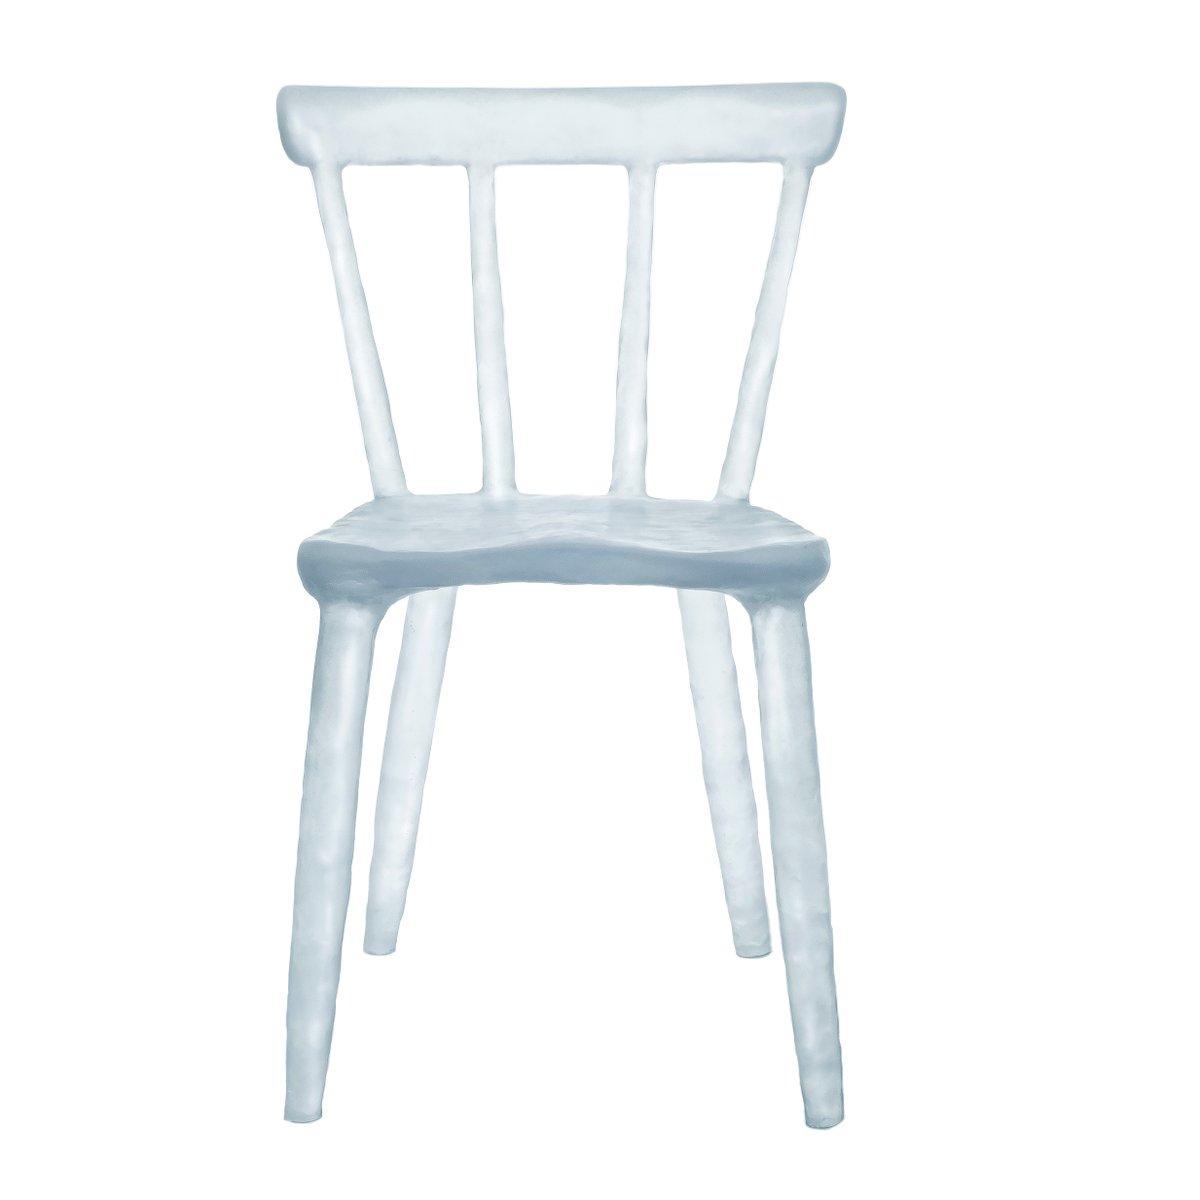 Grauer glow stuhl von kim markel 2017 bei pamono kaufen for Grauer stuhl